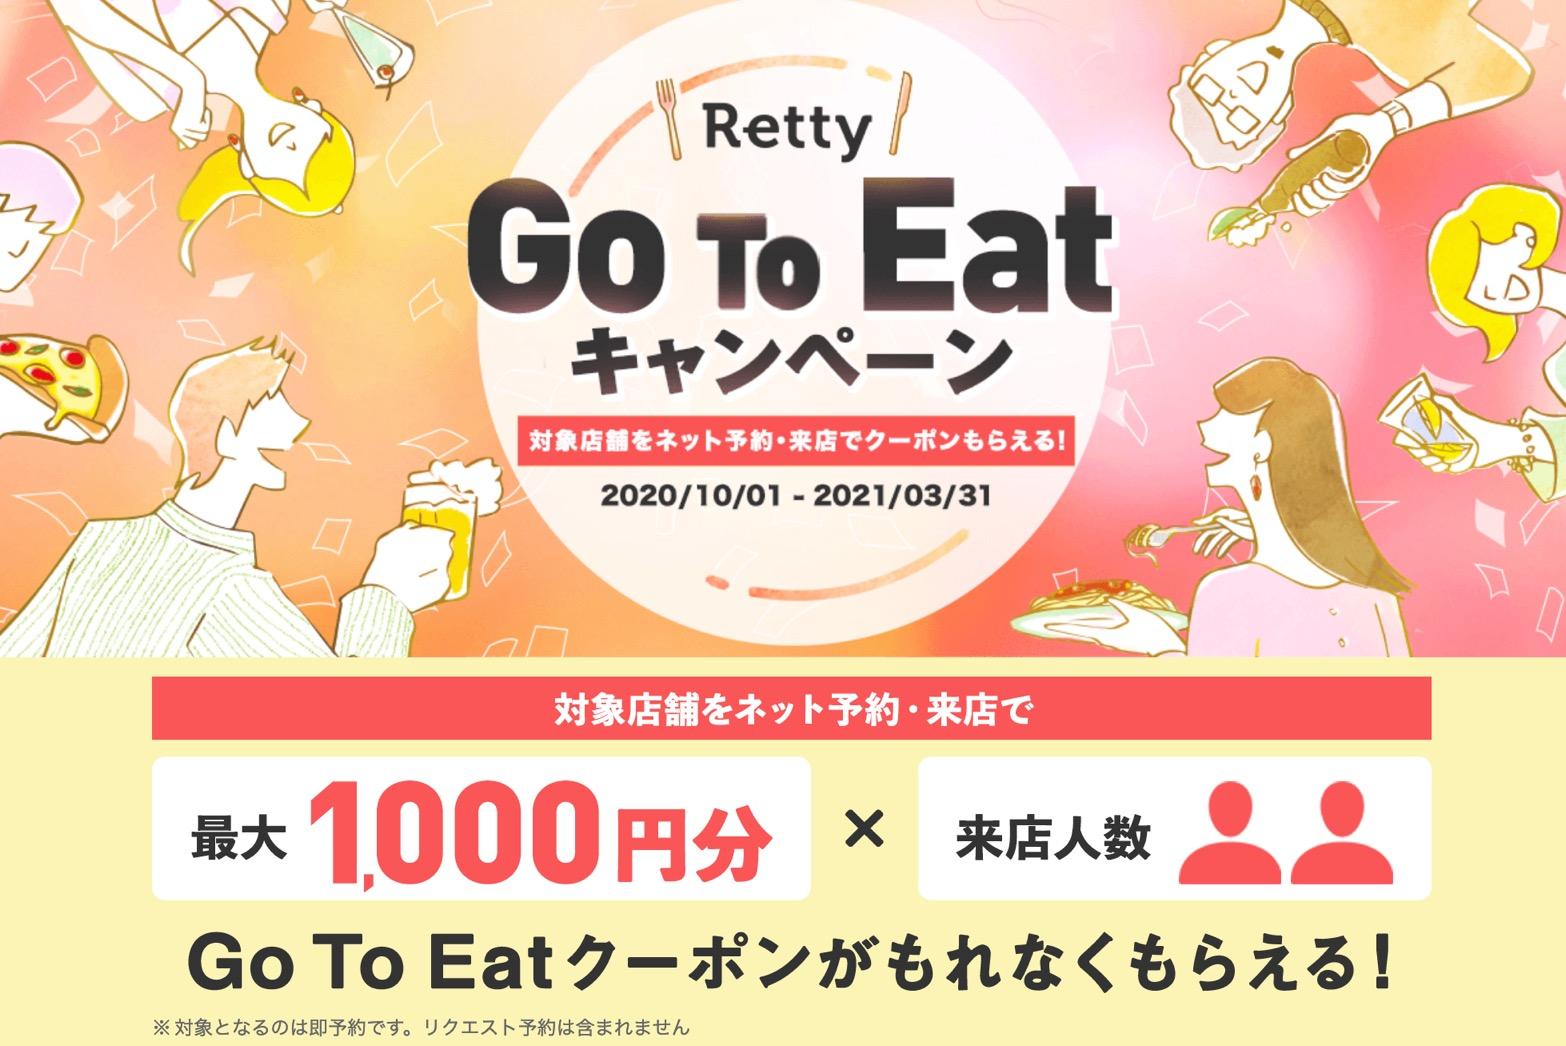 Retty(レッティ)がポイントサイトで高騰中!GoToEat併用で1,950円相当のポイント獲得!